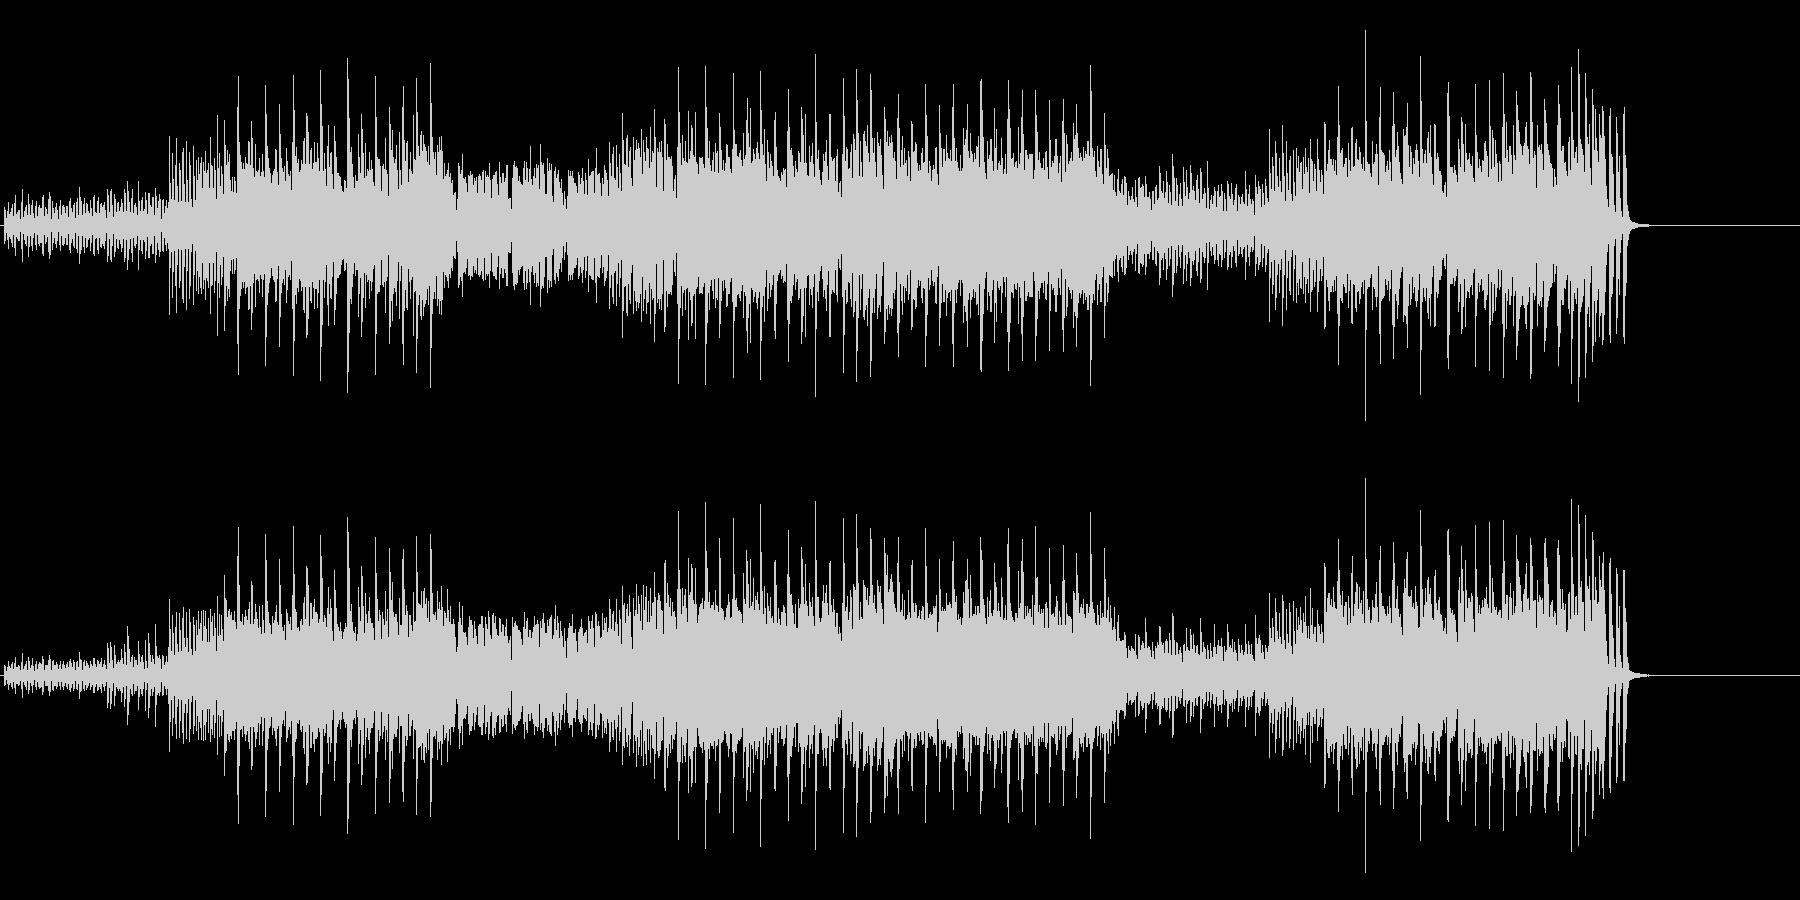 テクノ風味のエレクトリック・ポップスの未再生の波形